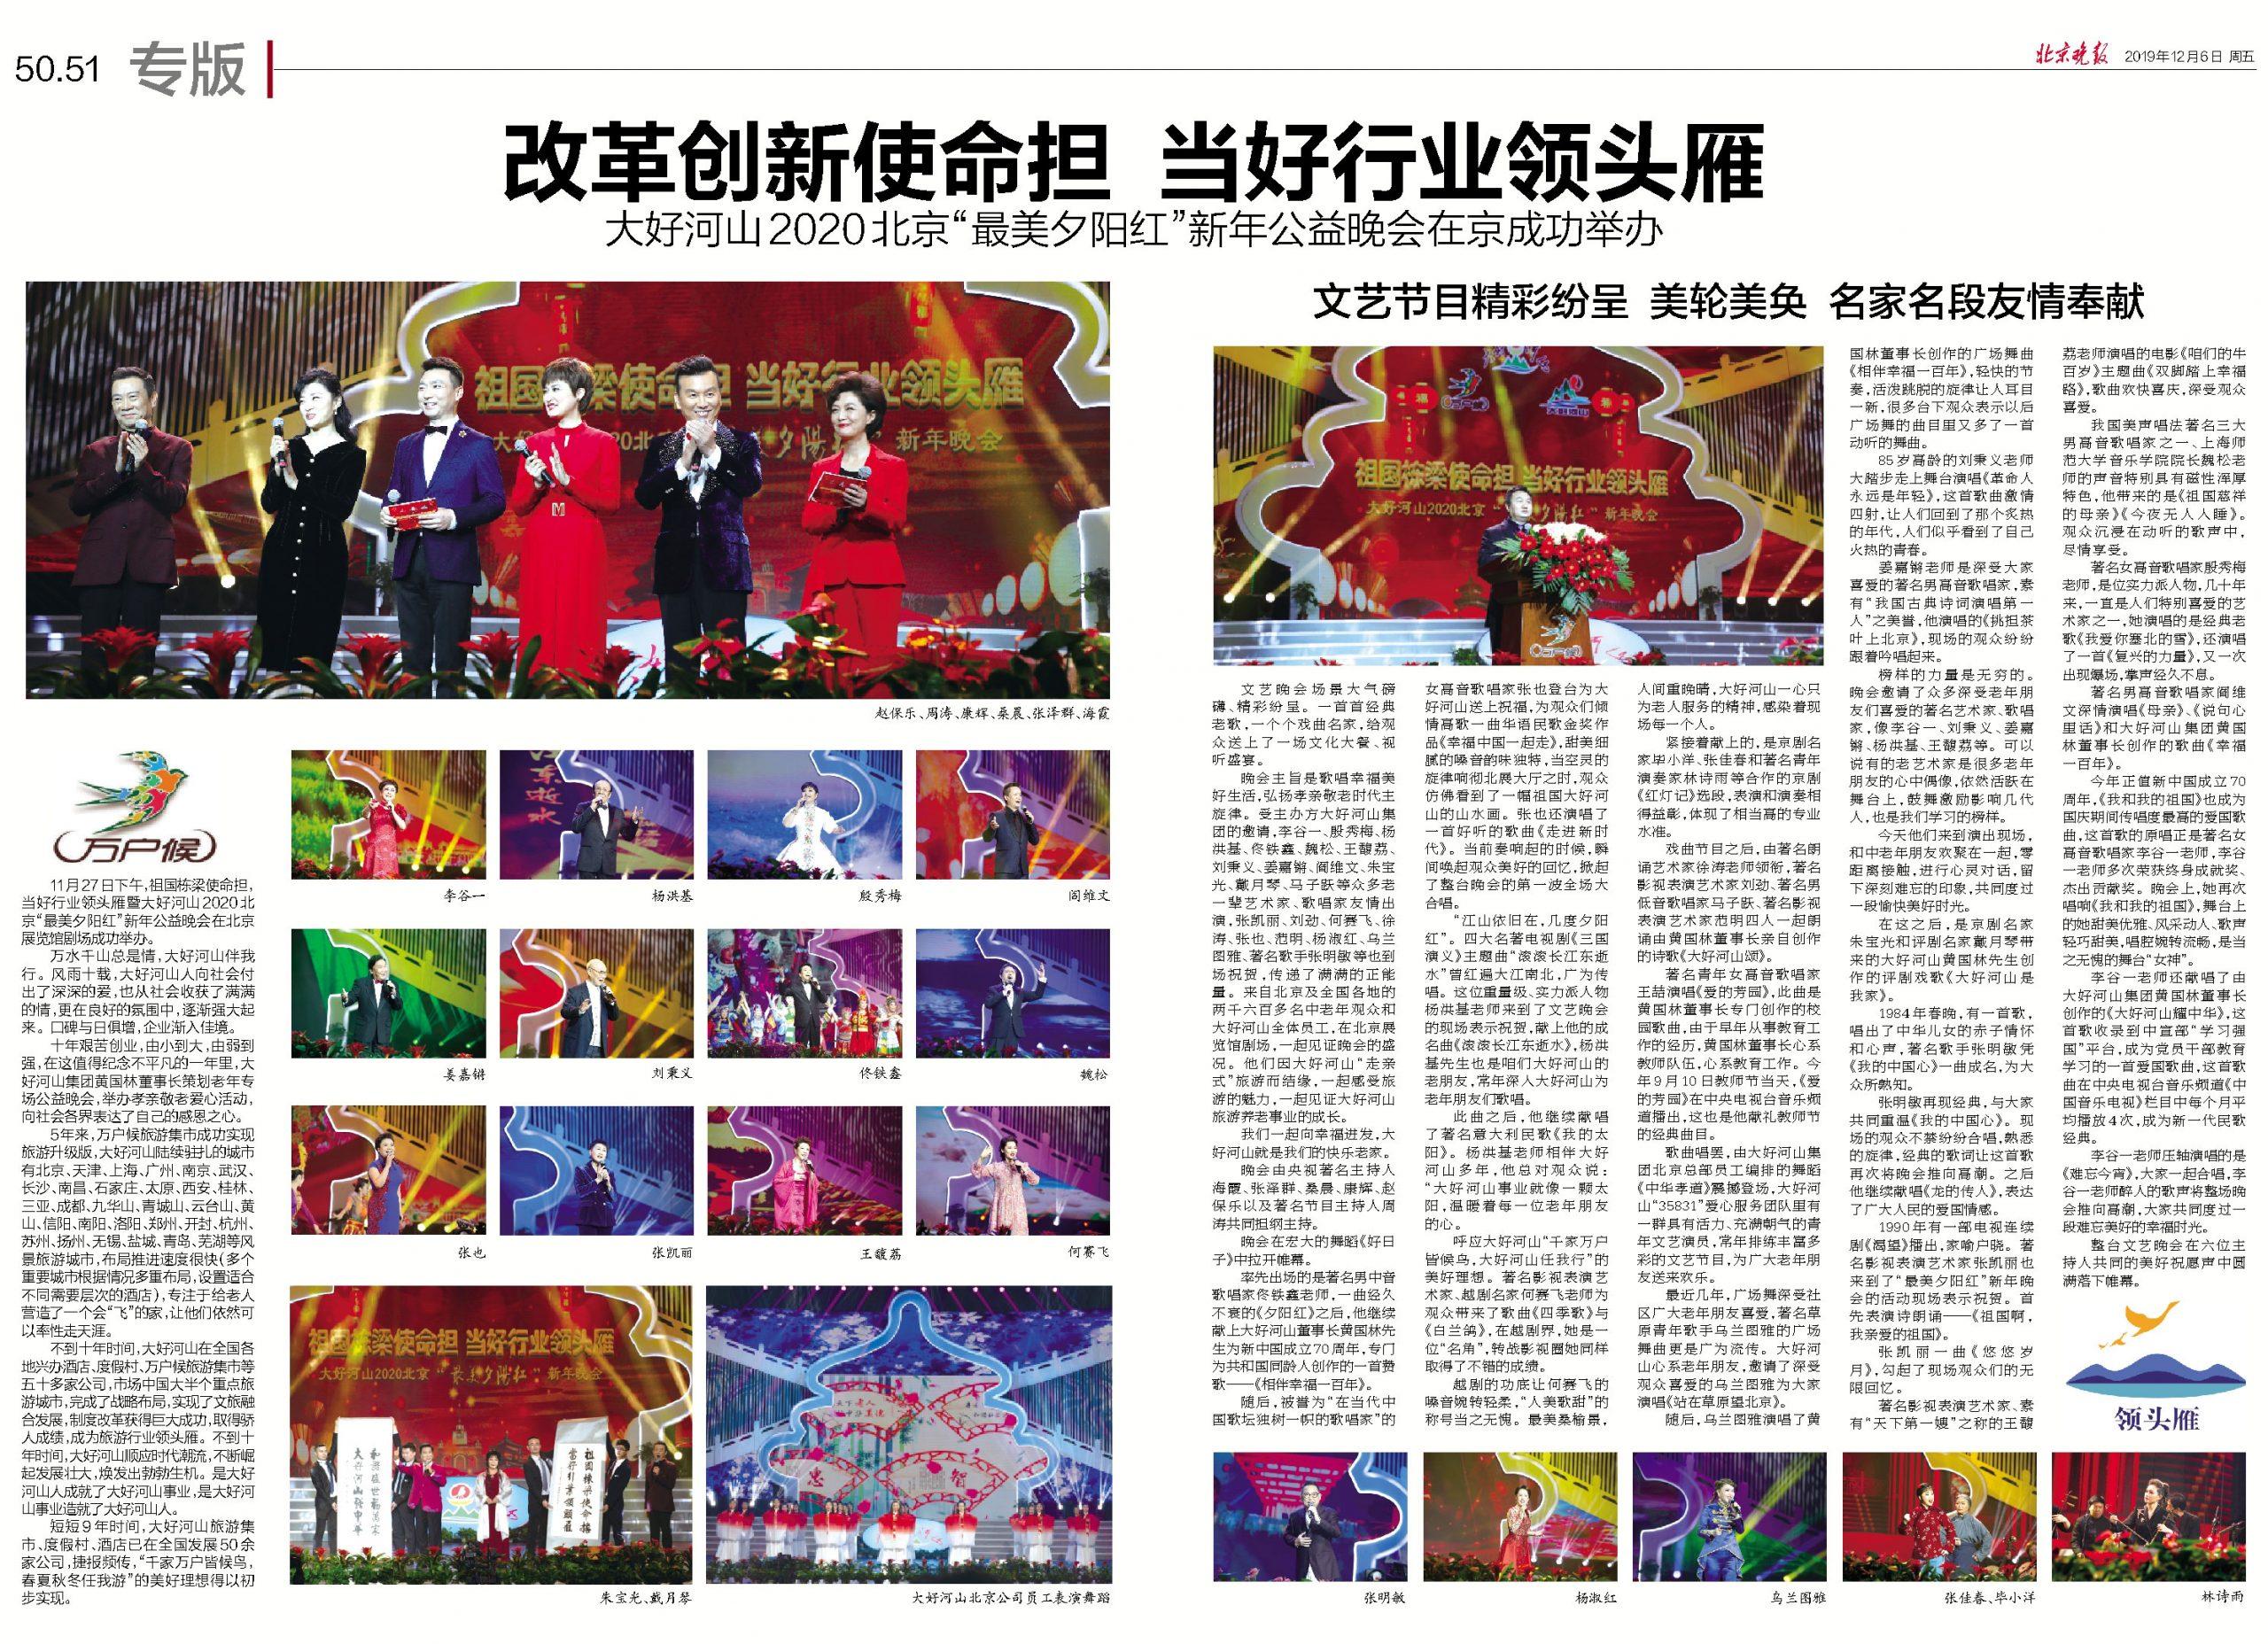 北京晚报 2019-12-06 专版50-51